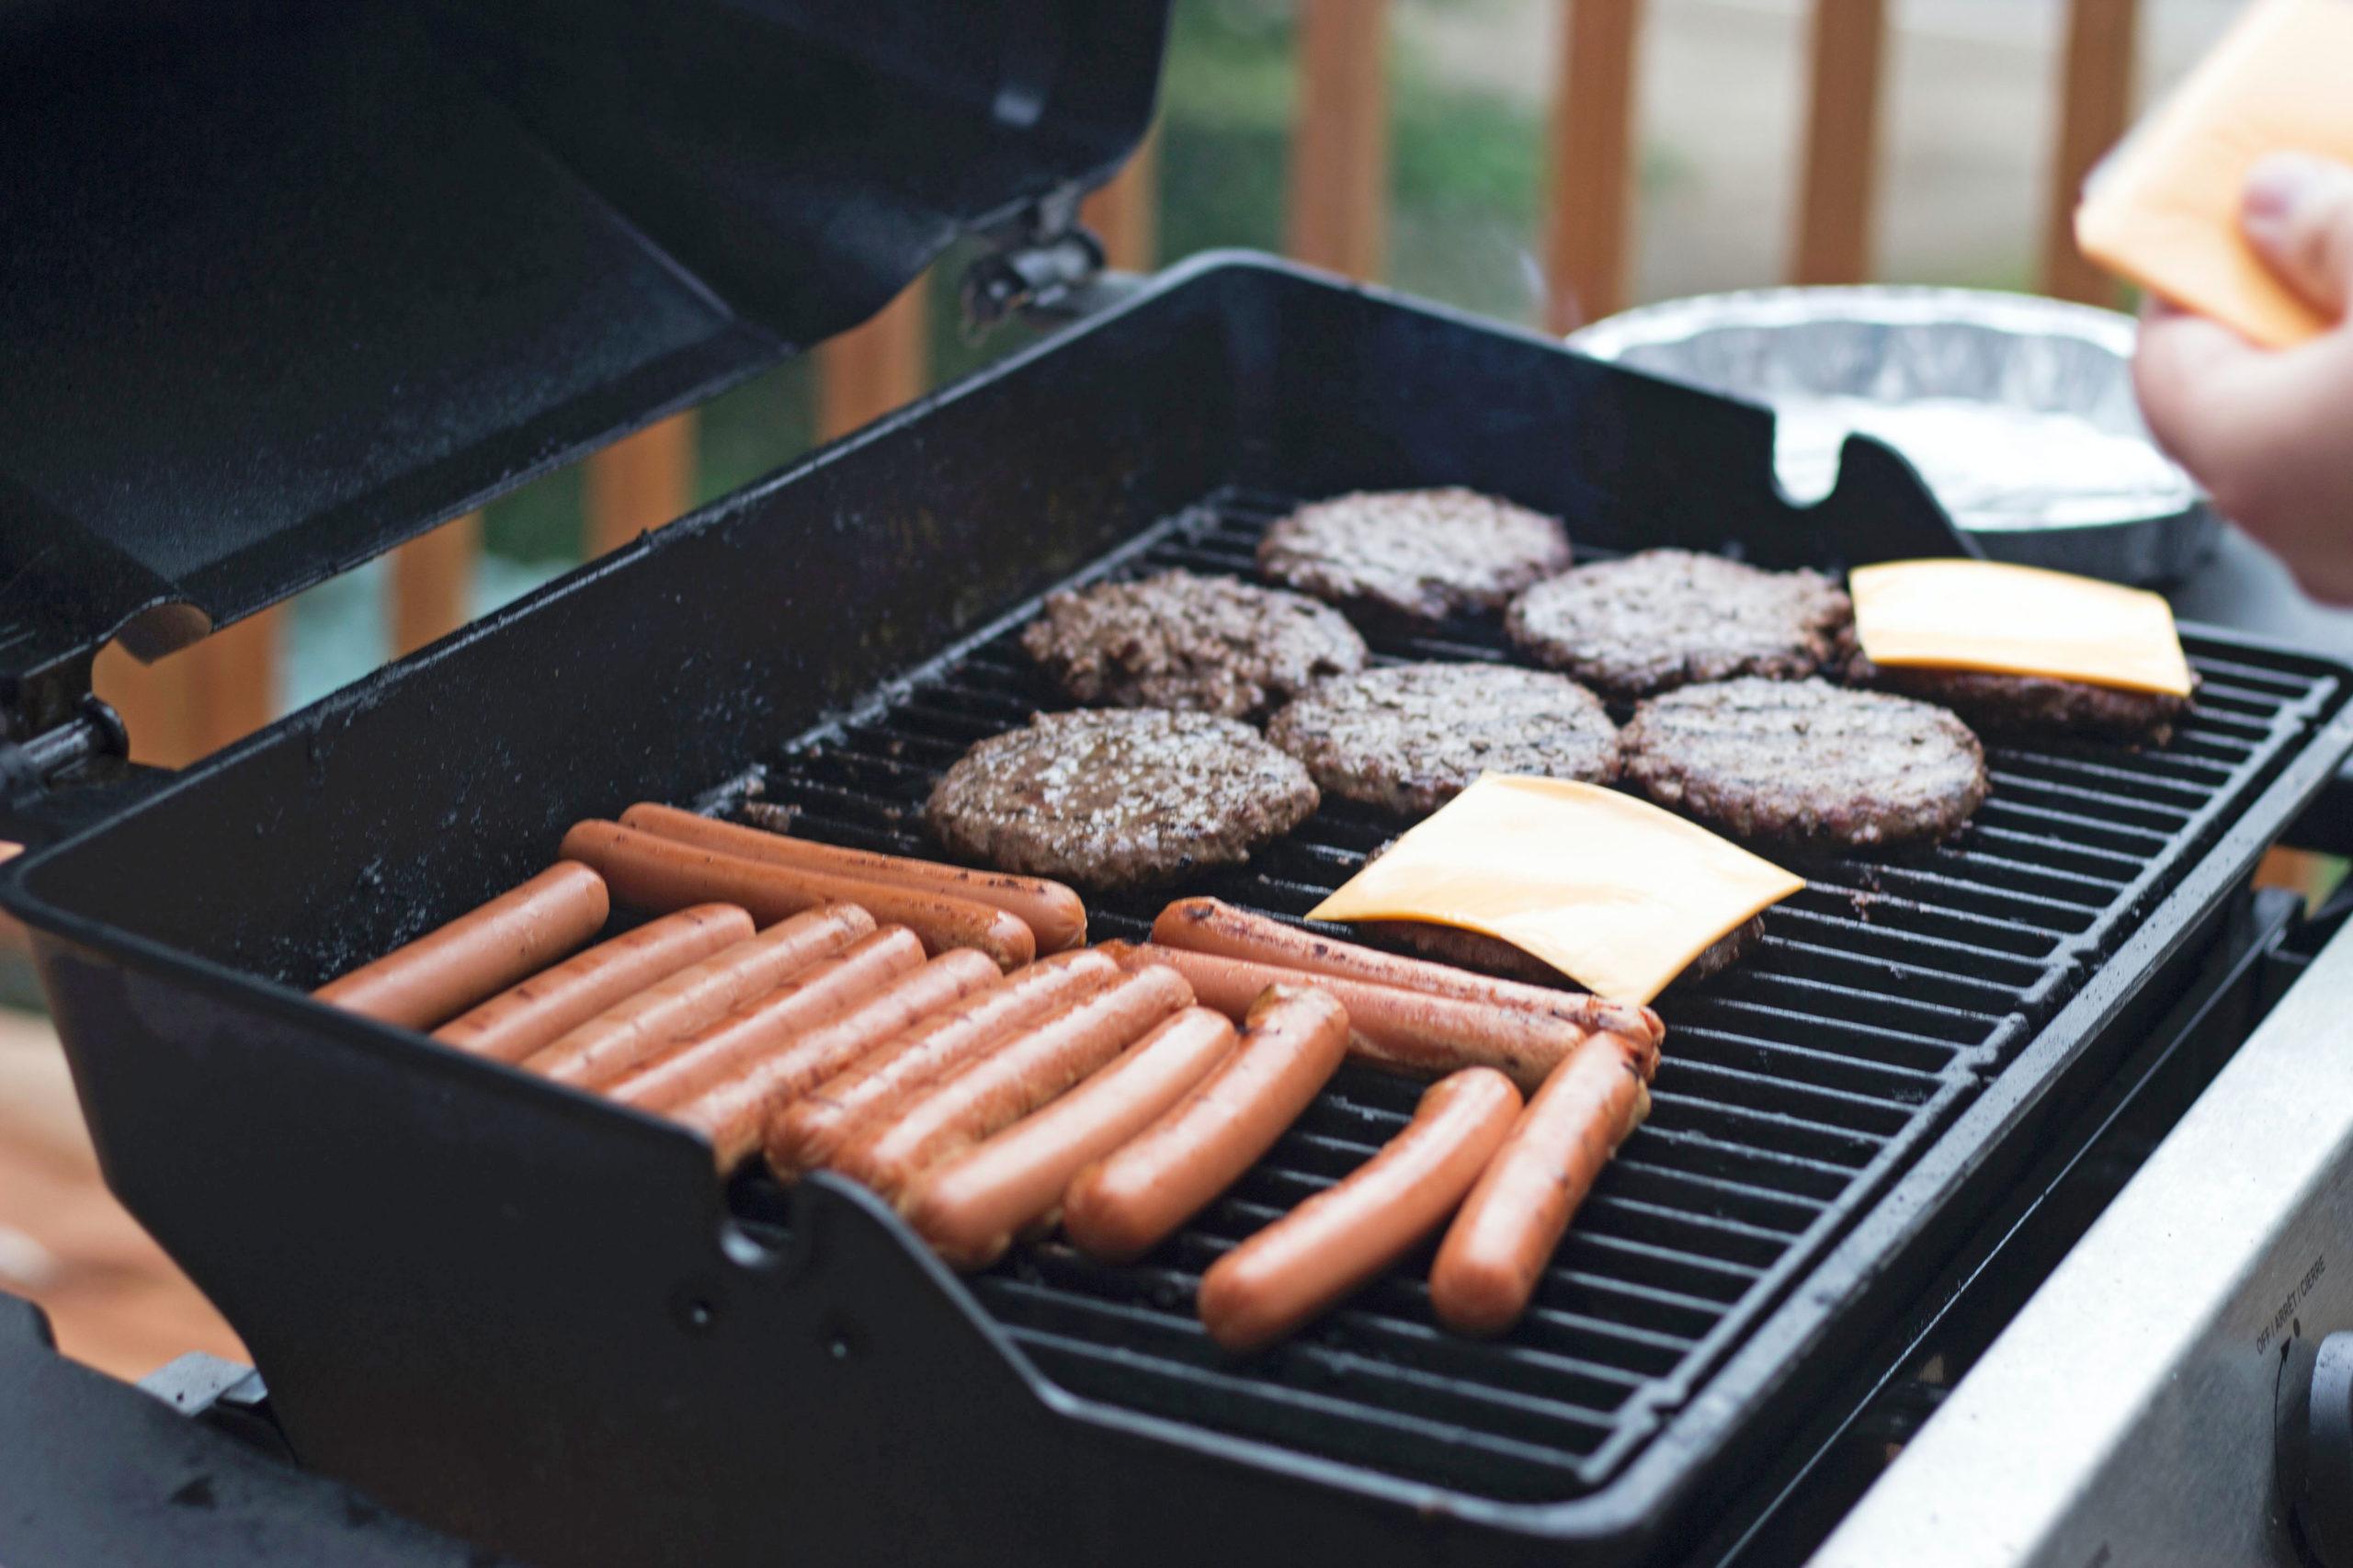 Outdoor-Kochspaß mit Gasaußenanschluss